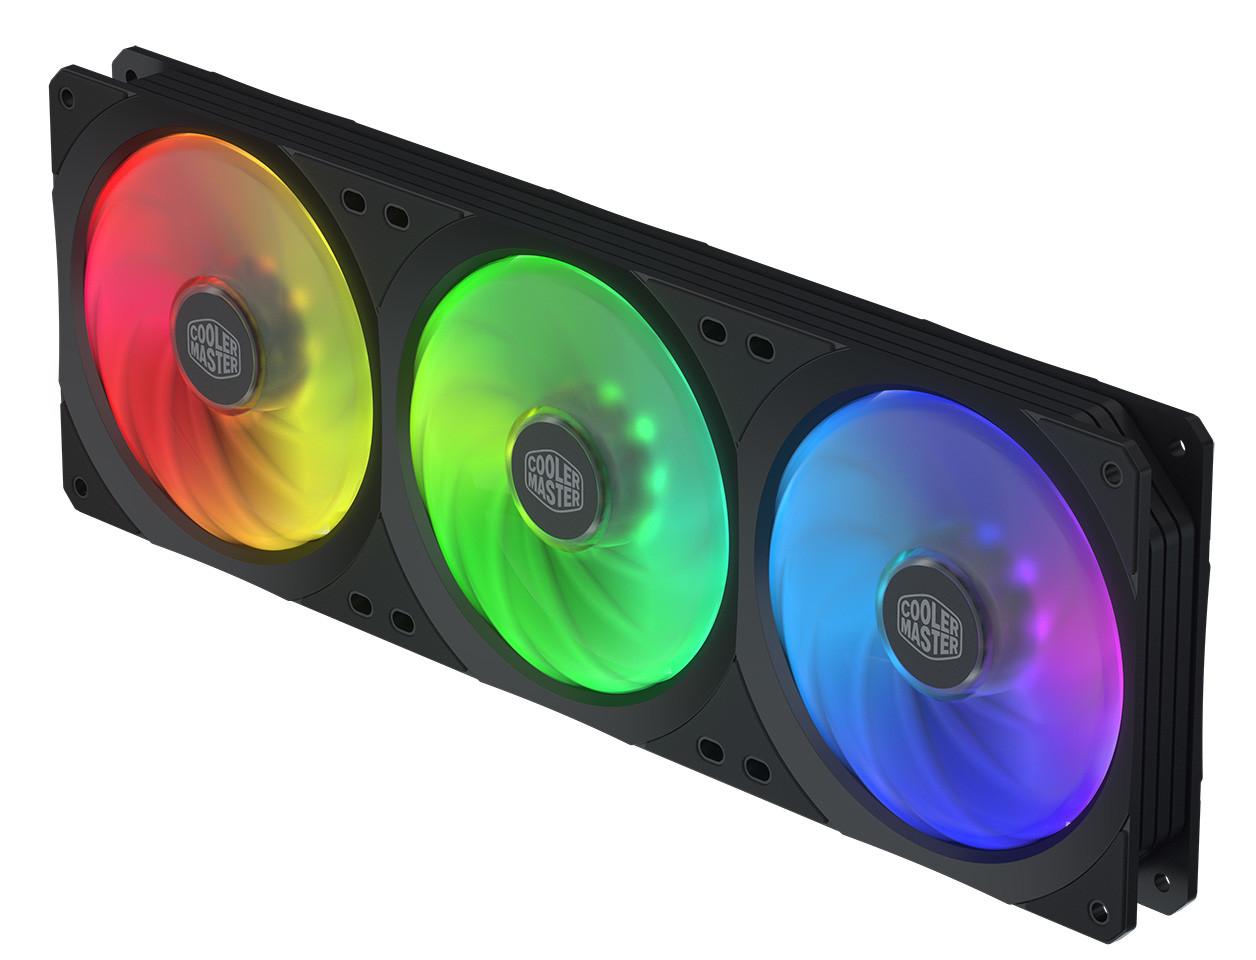 الكشف عن السلسلة الجديدة Cooler Master Square Fan من مراوح التبريد